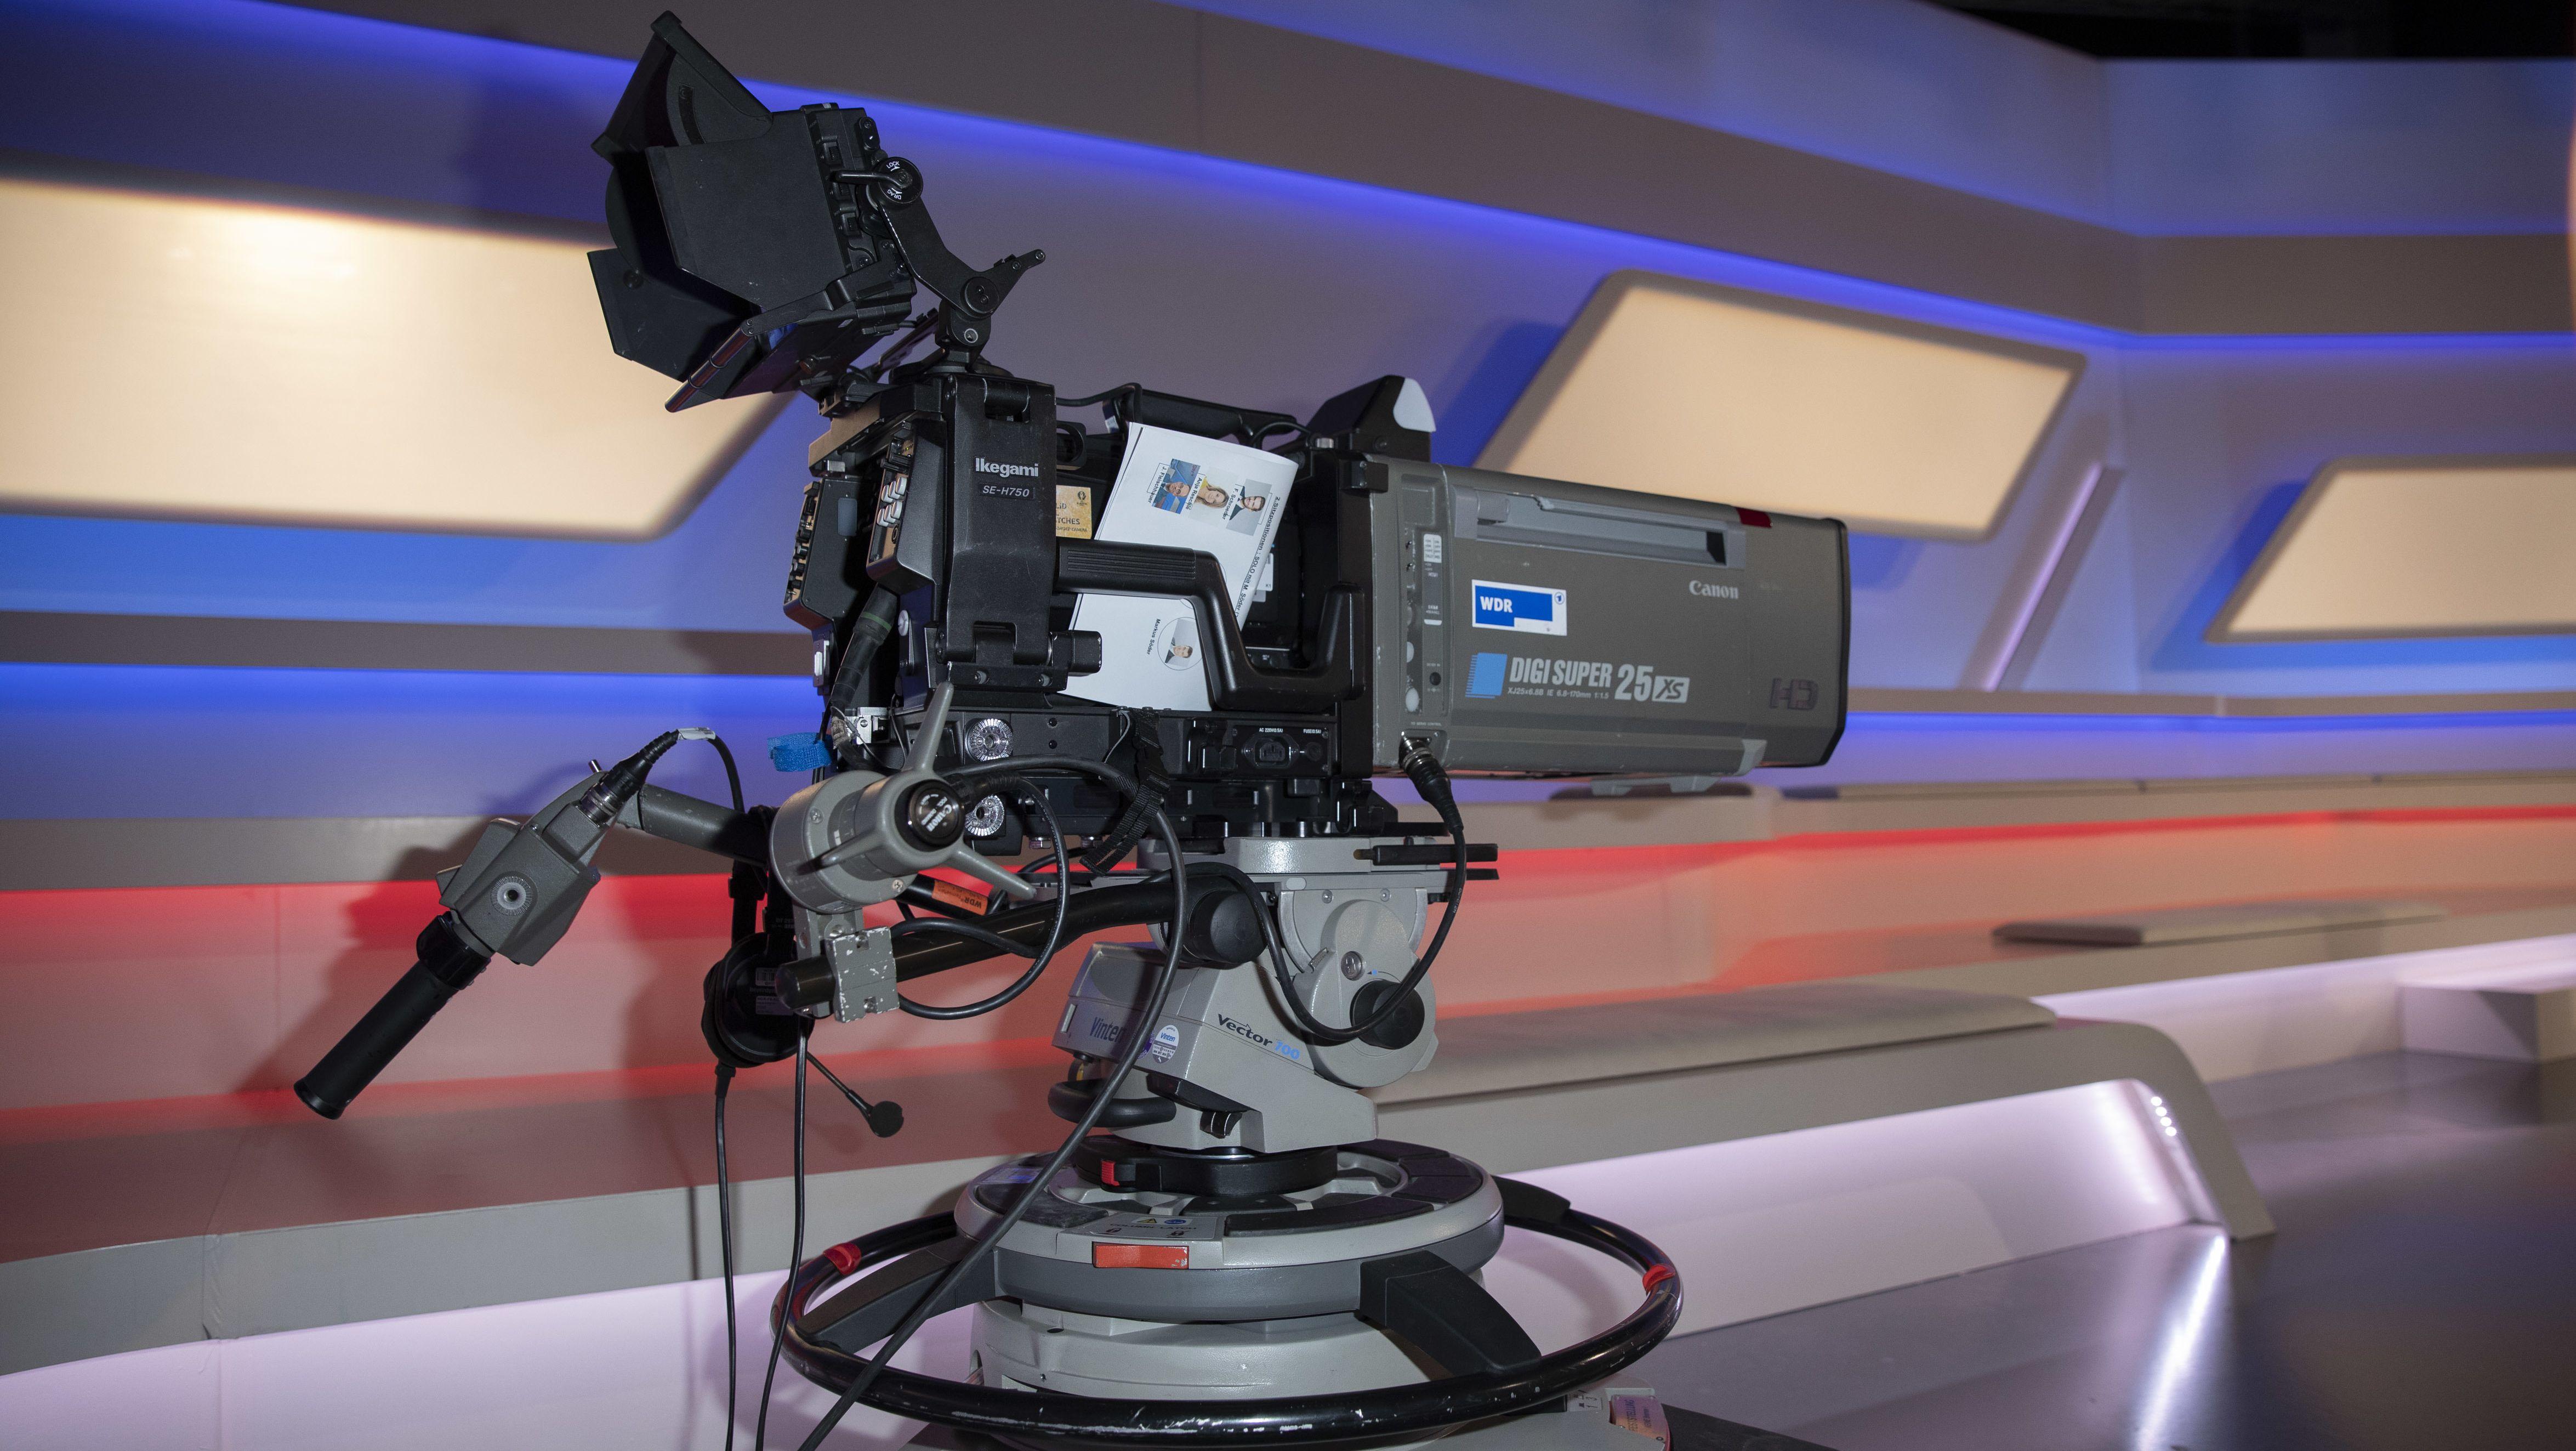 Kamera im Kamera im Maischberger Talkshow-Studio der ARD